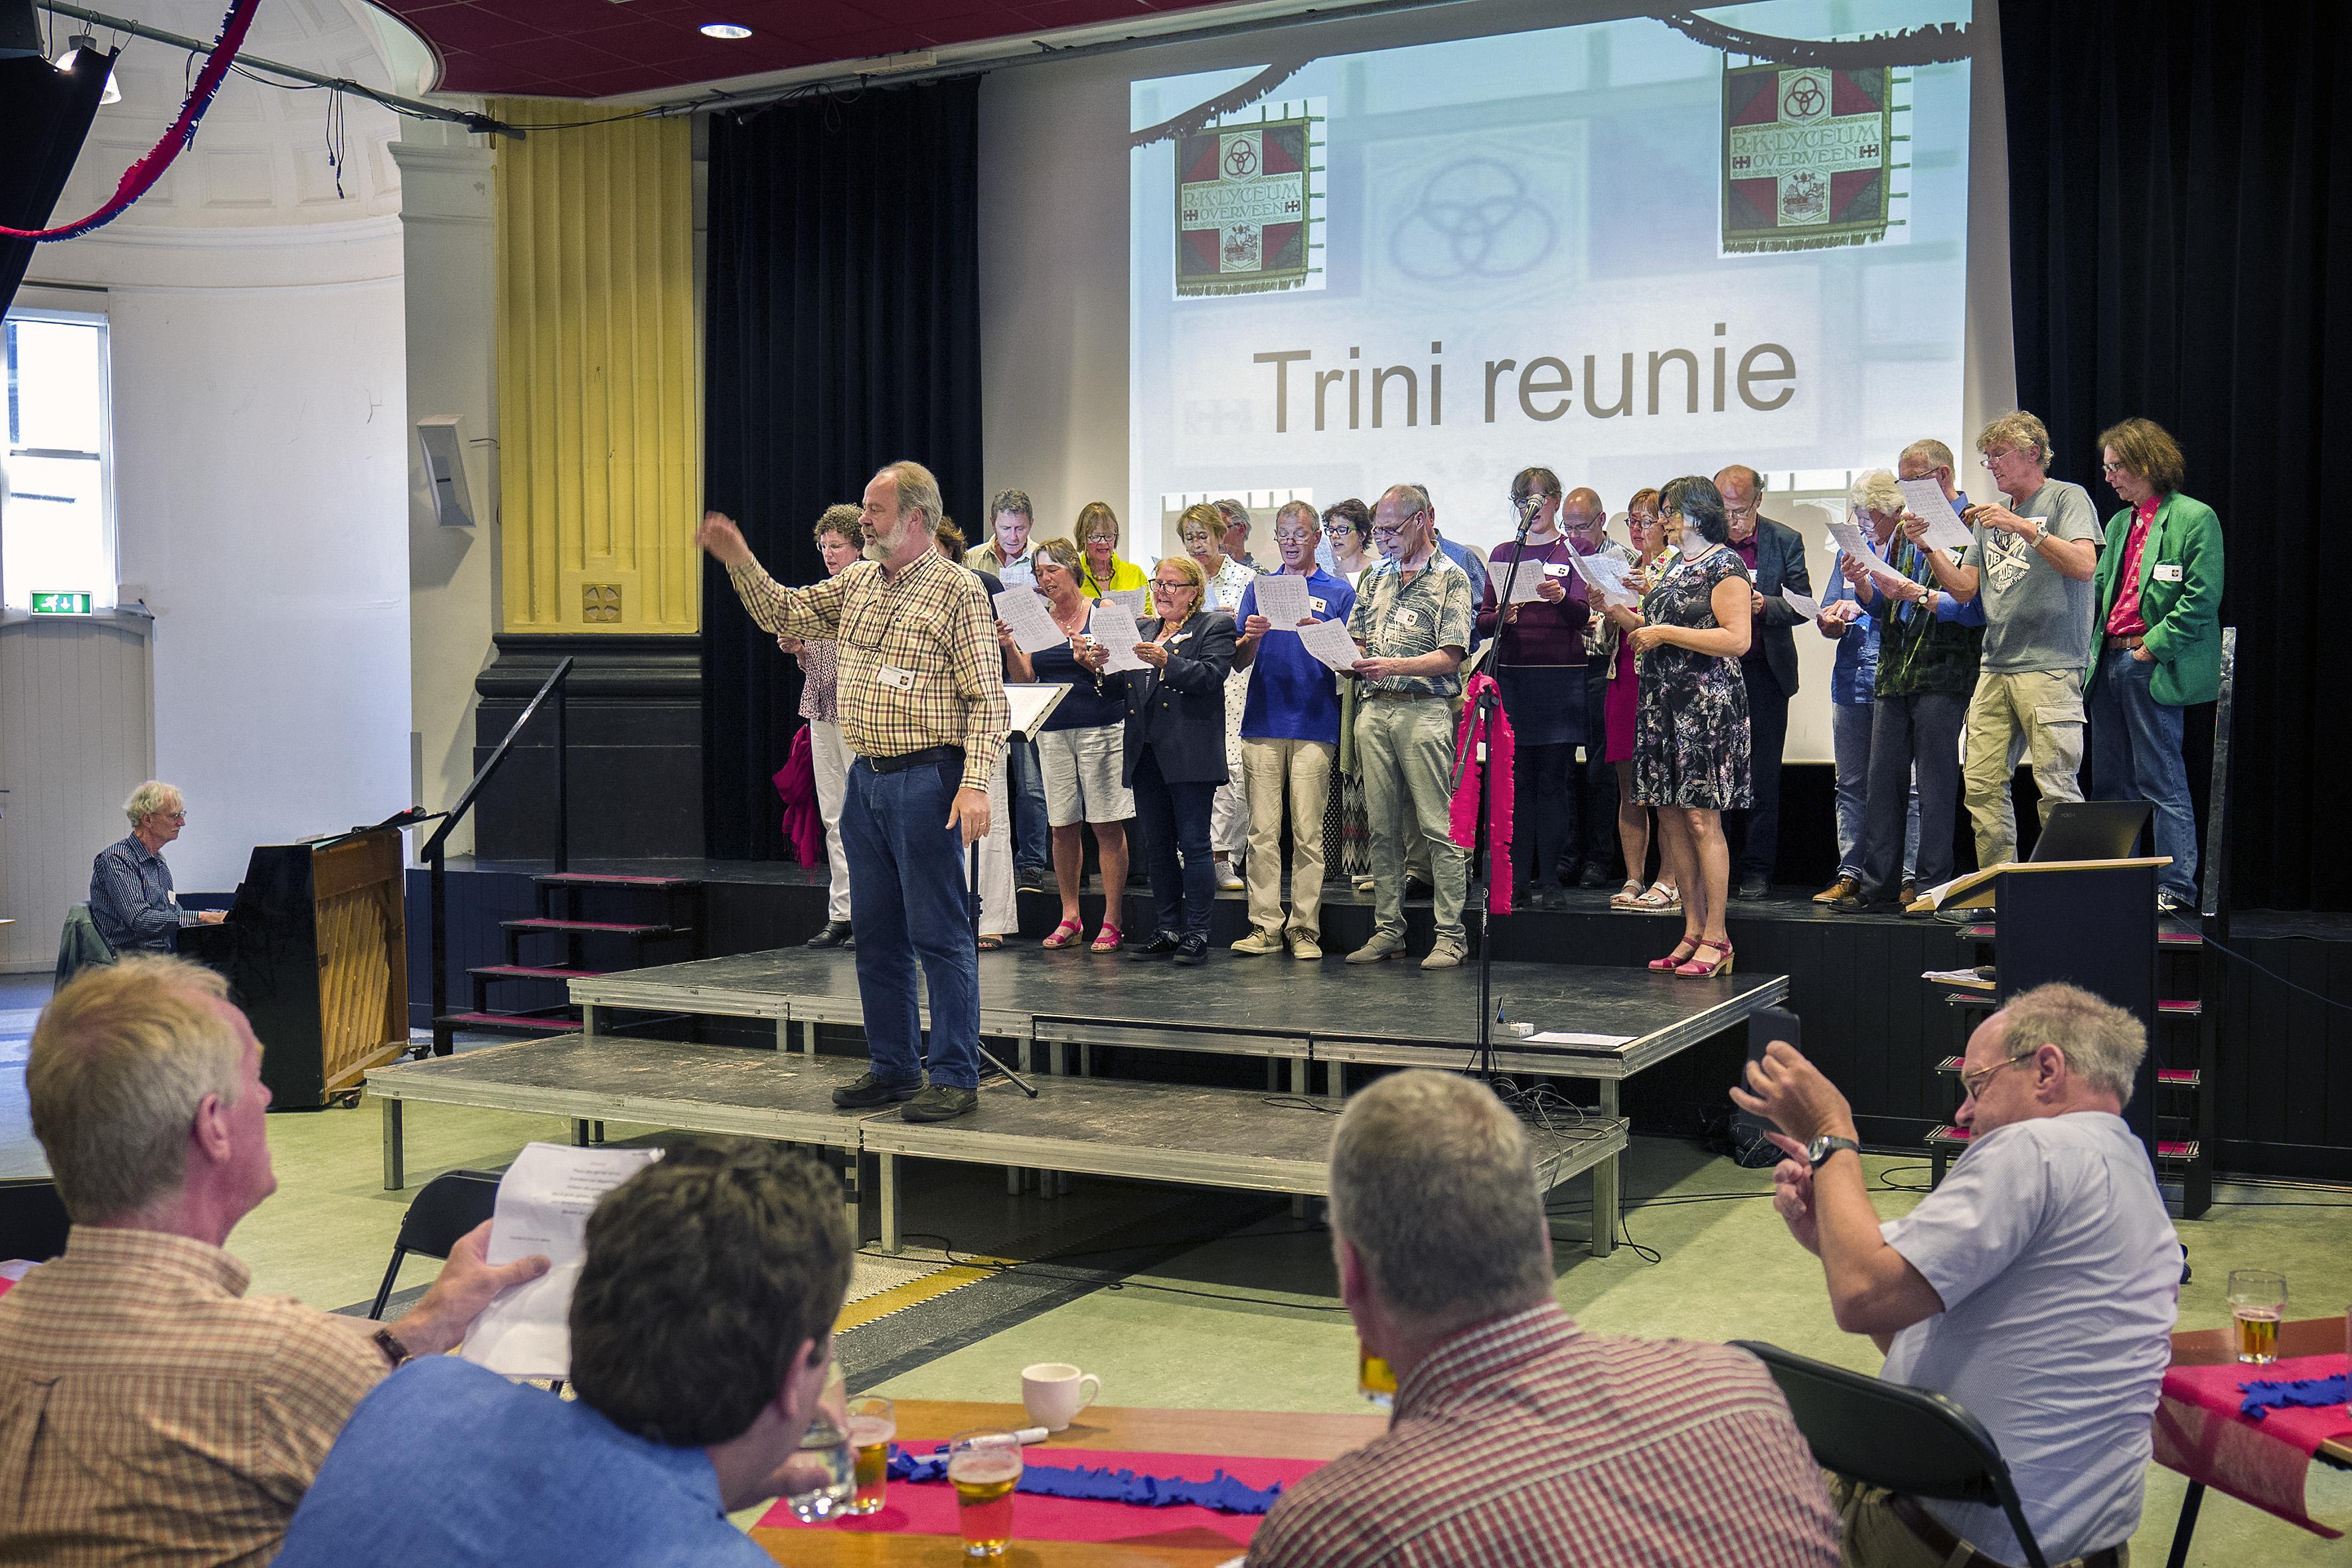 Organisatiecomité reünie Haarlems Triniteitslyceum koopt oude glas-in-loodramen: 'Ze mochten niet in handen vallen van niet-Trinitariërs'